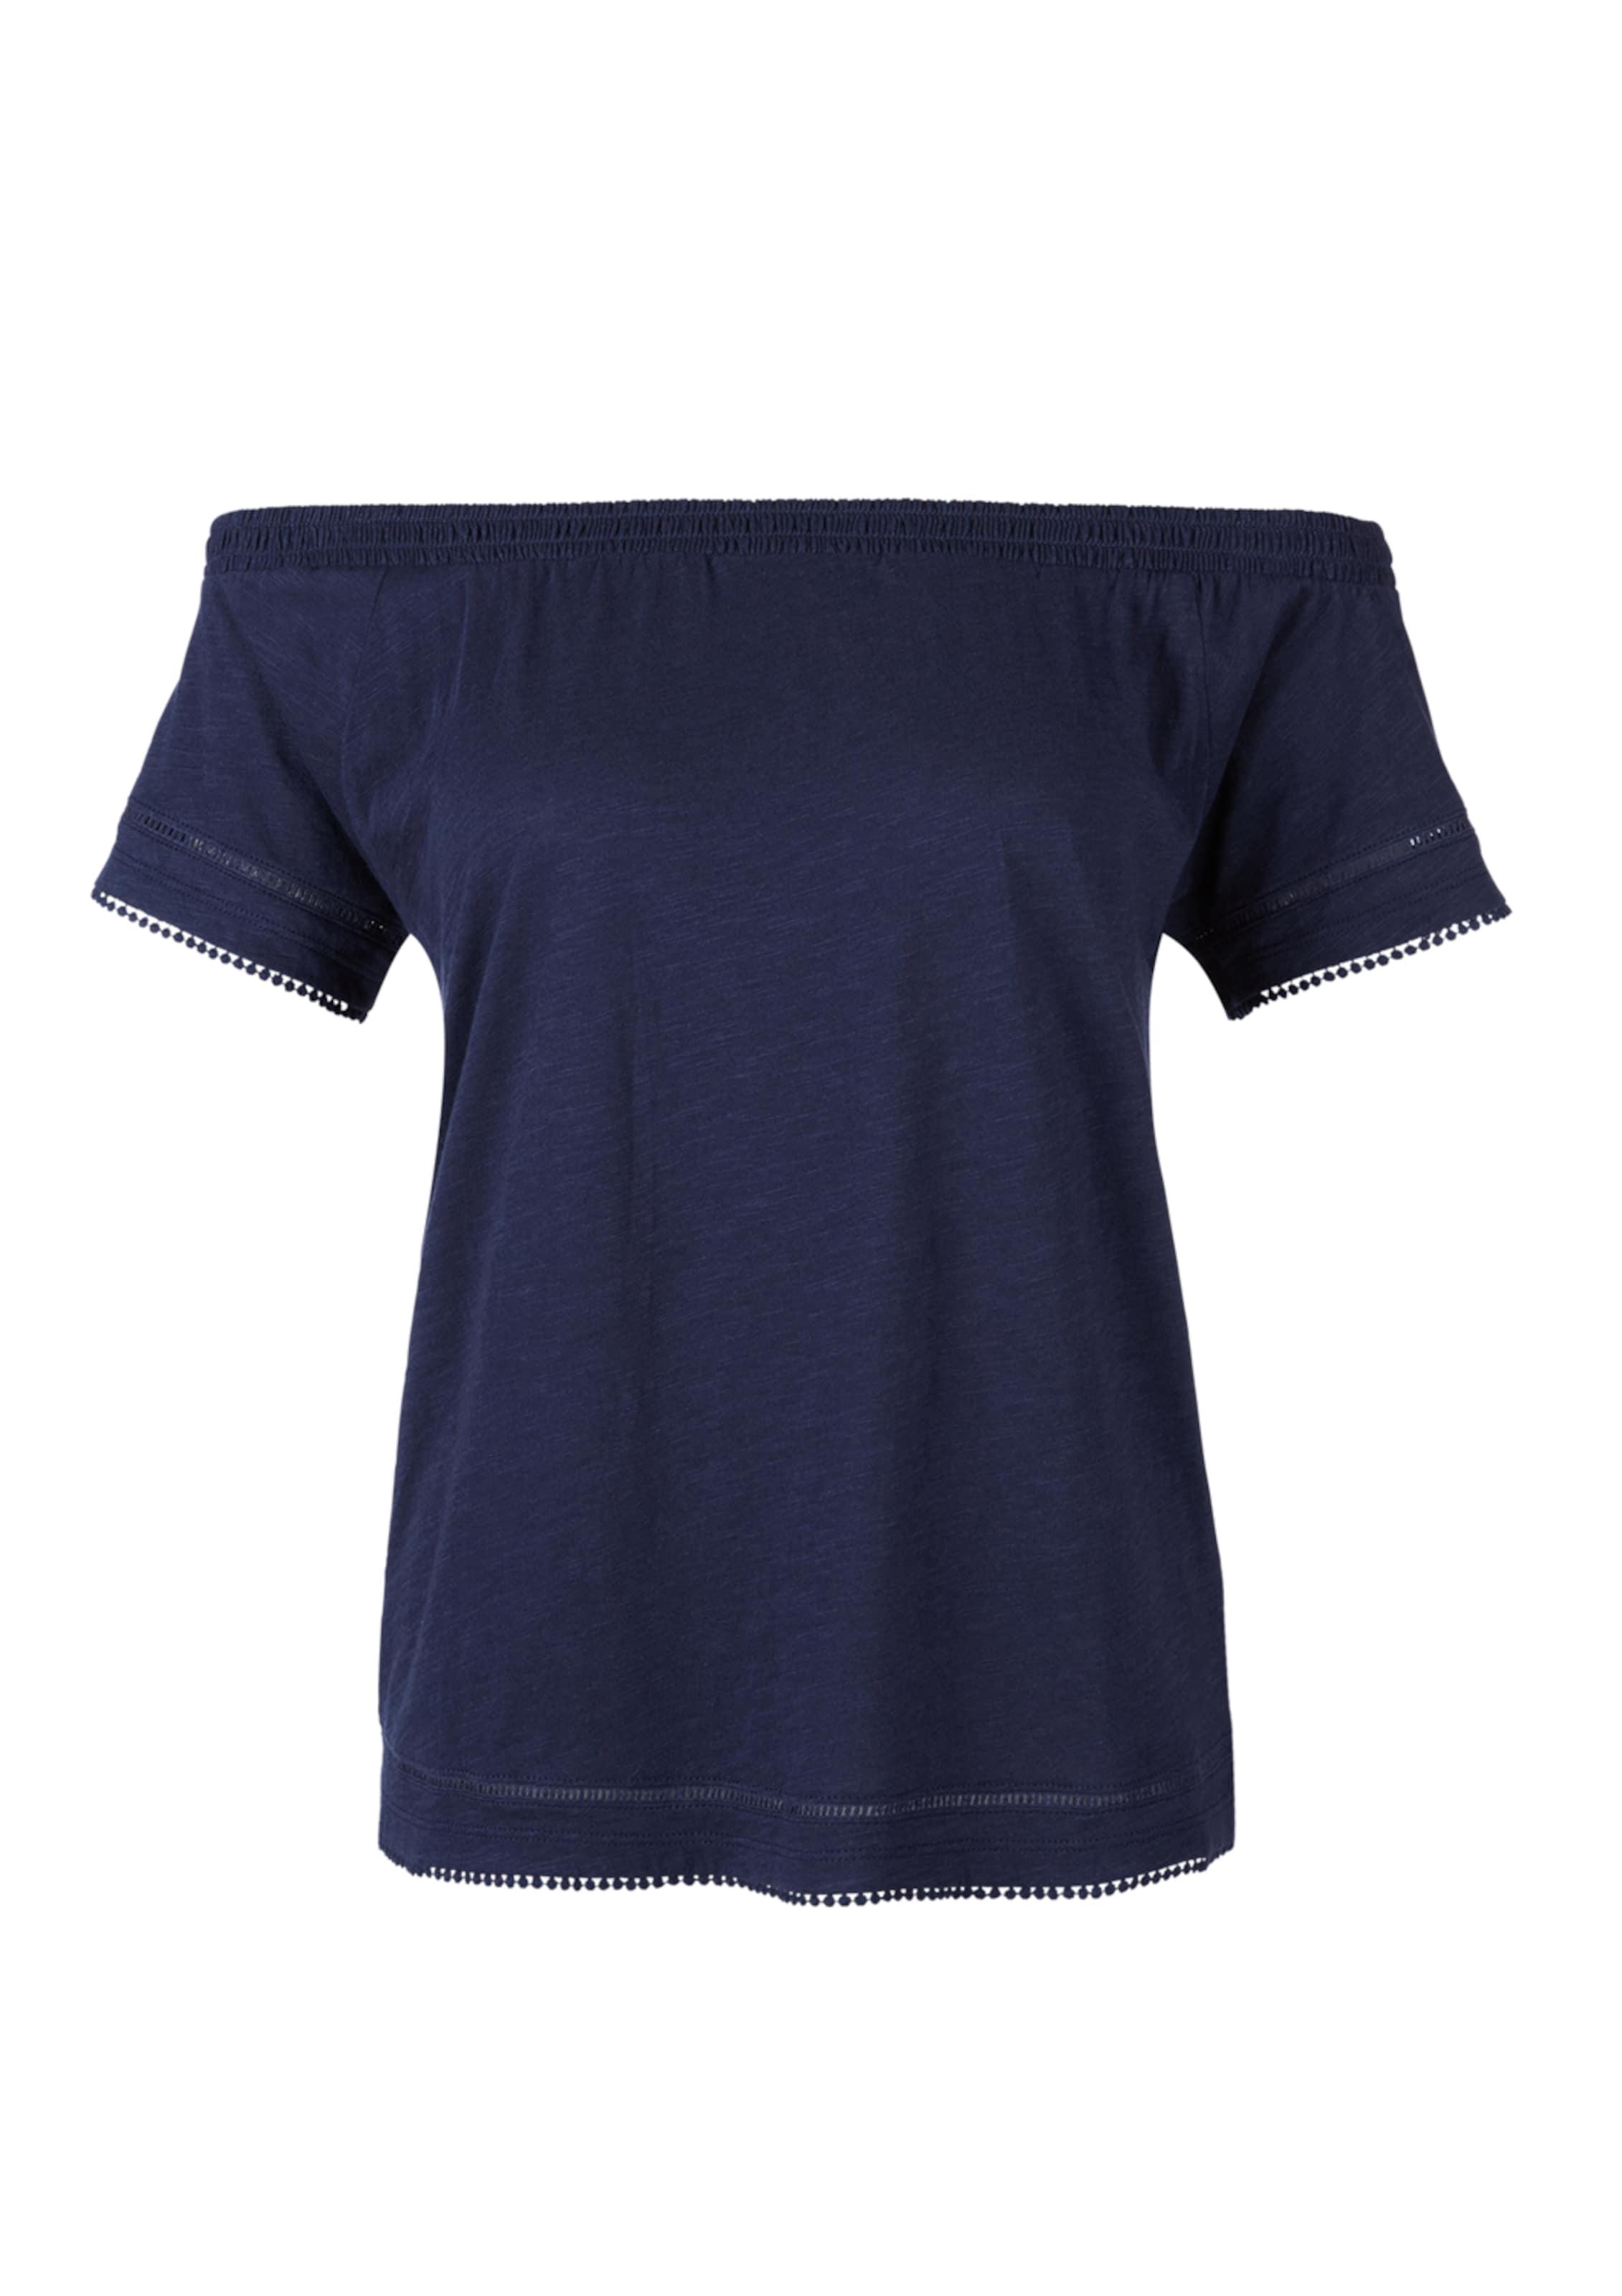 oliver Red Shirt S In Navy Label FcTK13lJ